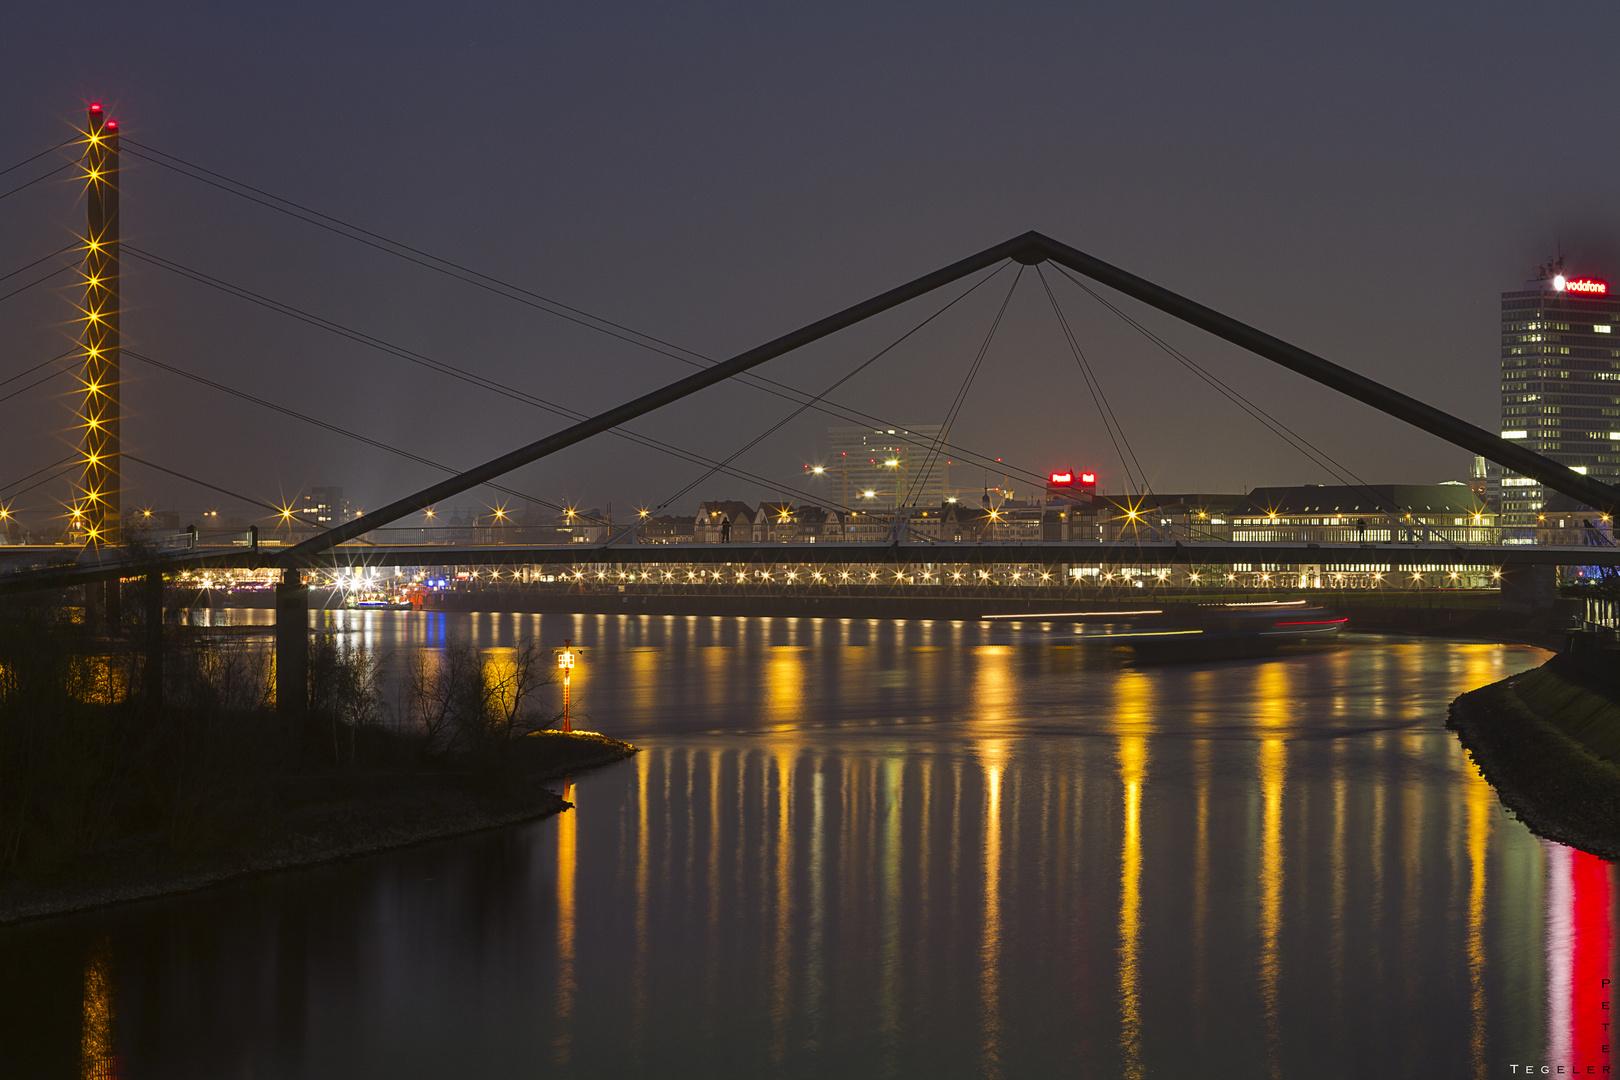 Medienhafen II